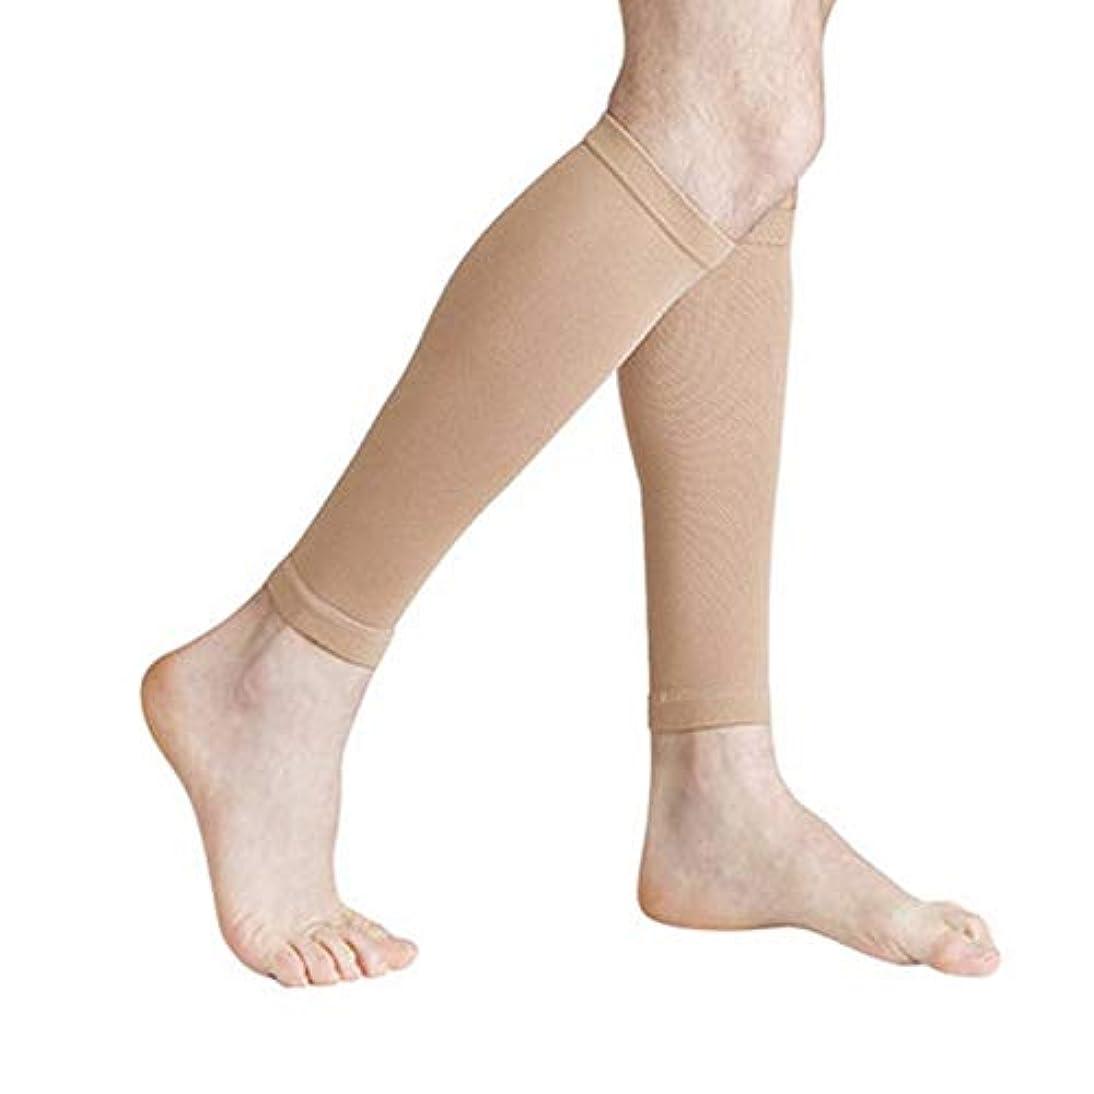 胴体イチゴアラブサラボ丈夫な男性女性プロの圧縮靴下通気性のある旅行活動看護師用シントスプリントフライトトラベル - 肌色